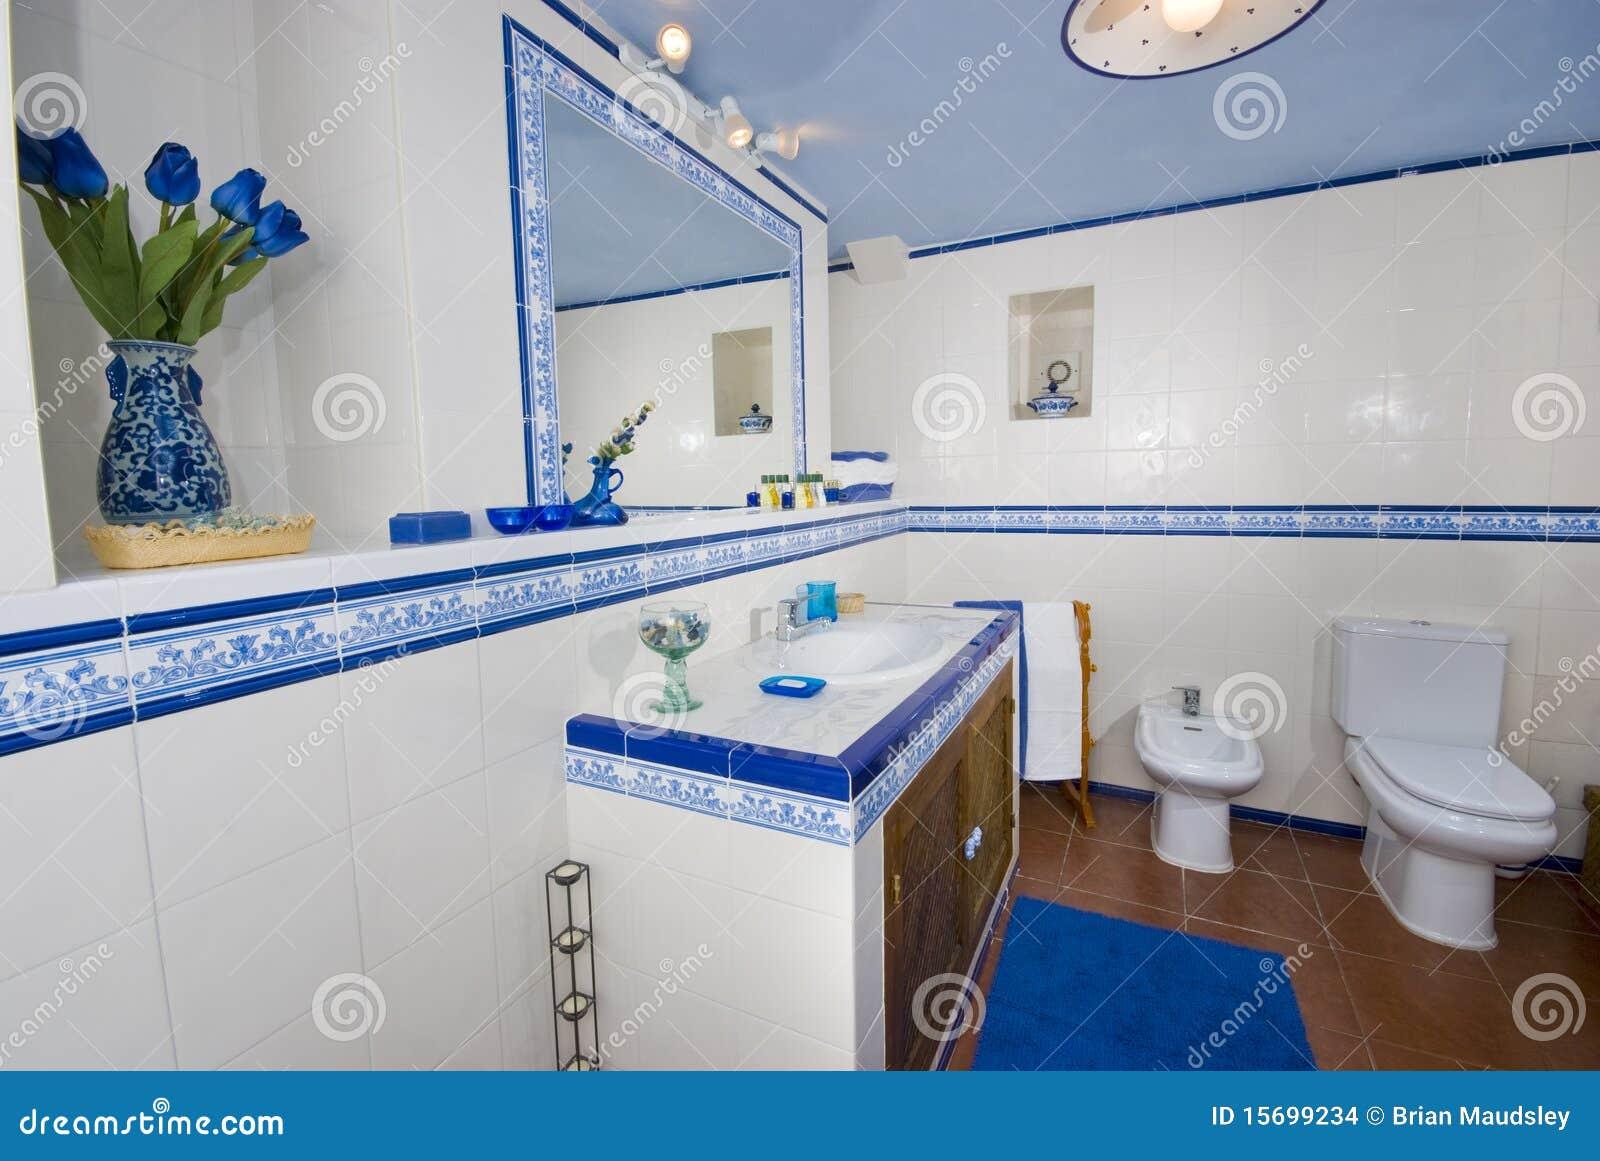 Banheiro Rústico Azul E Branco. Imagens de Stock Imagem: 15699234 #0F3B7E 1300x960 Banheiro Azul Com Branco